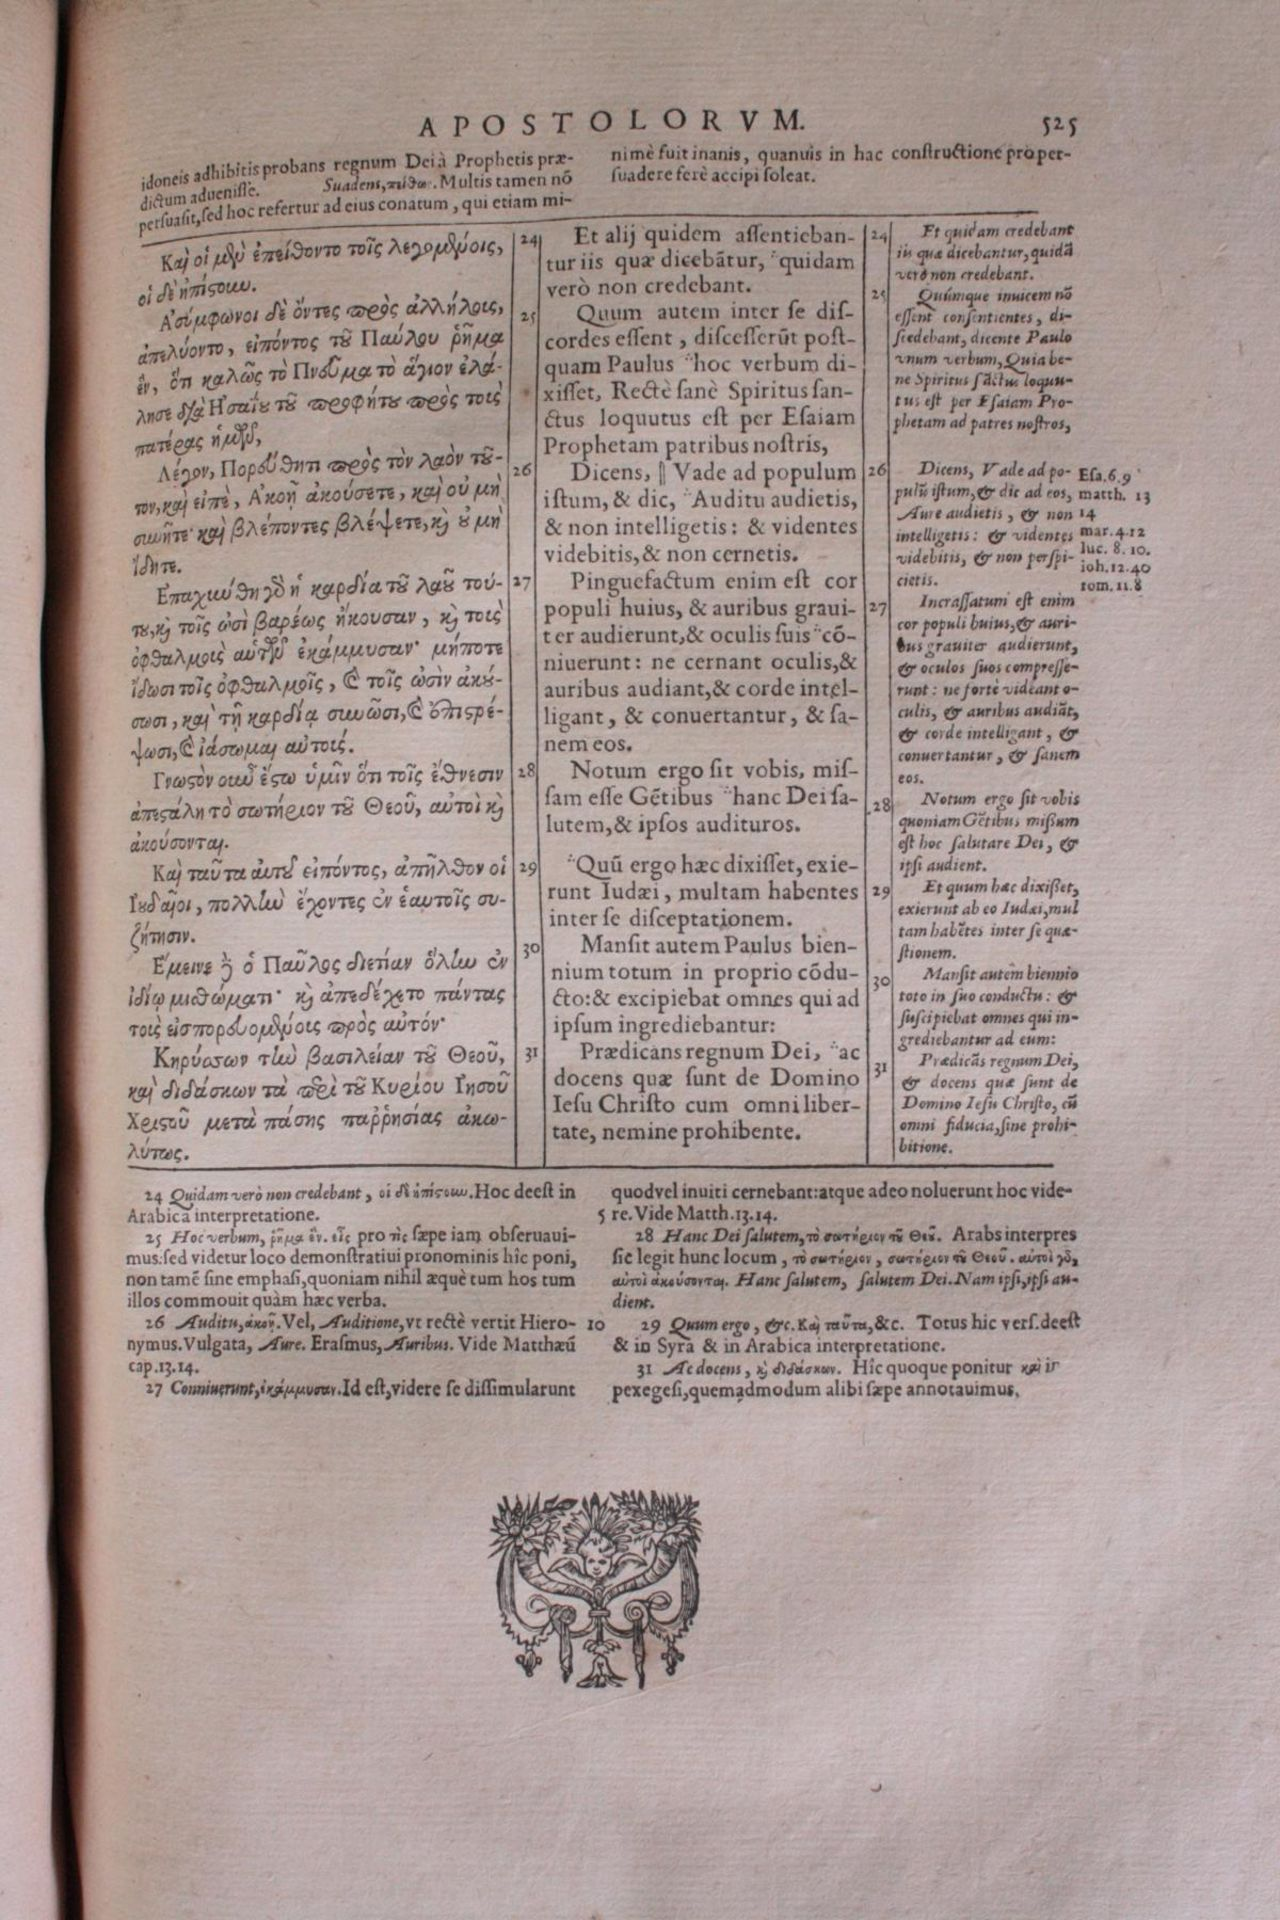 Griechische-Lateinische Bibel, Novum Testamentum 1582 - Bild 11 aus 23